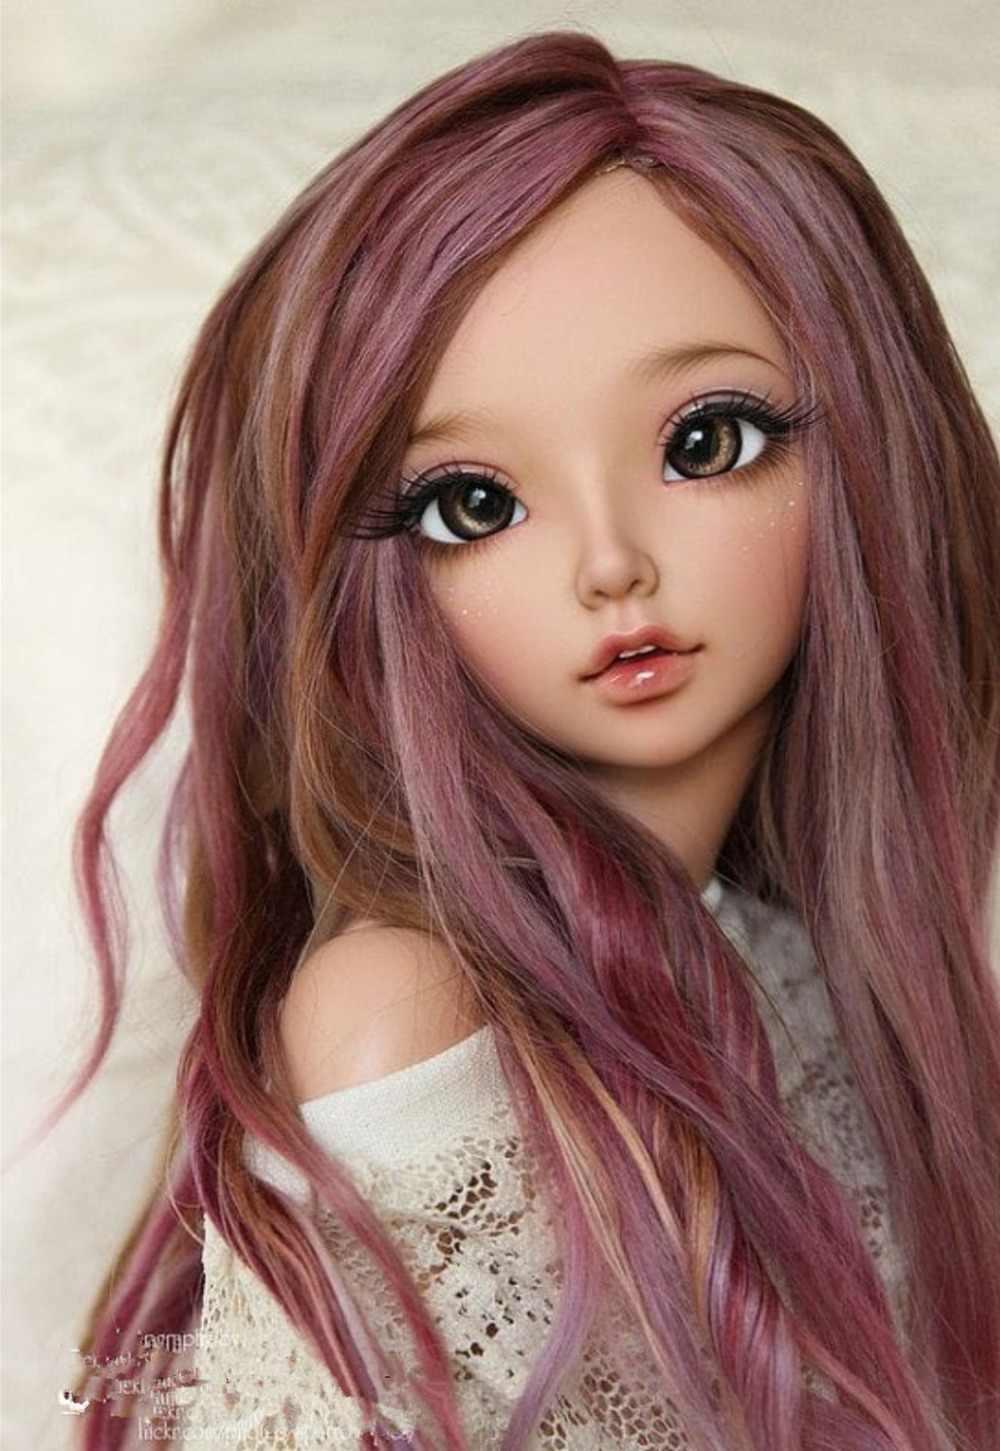 BJD 1/4doll-Celine шарнир куклы Бесплатная глаза Высокое качество длина стопы; рождественские подарки